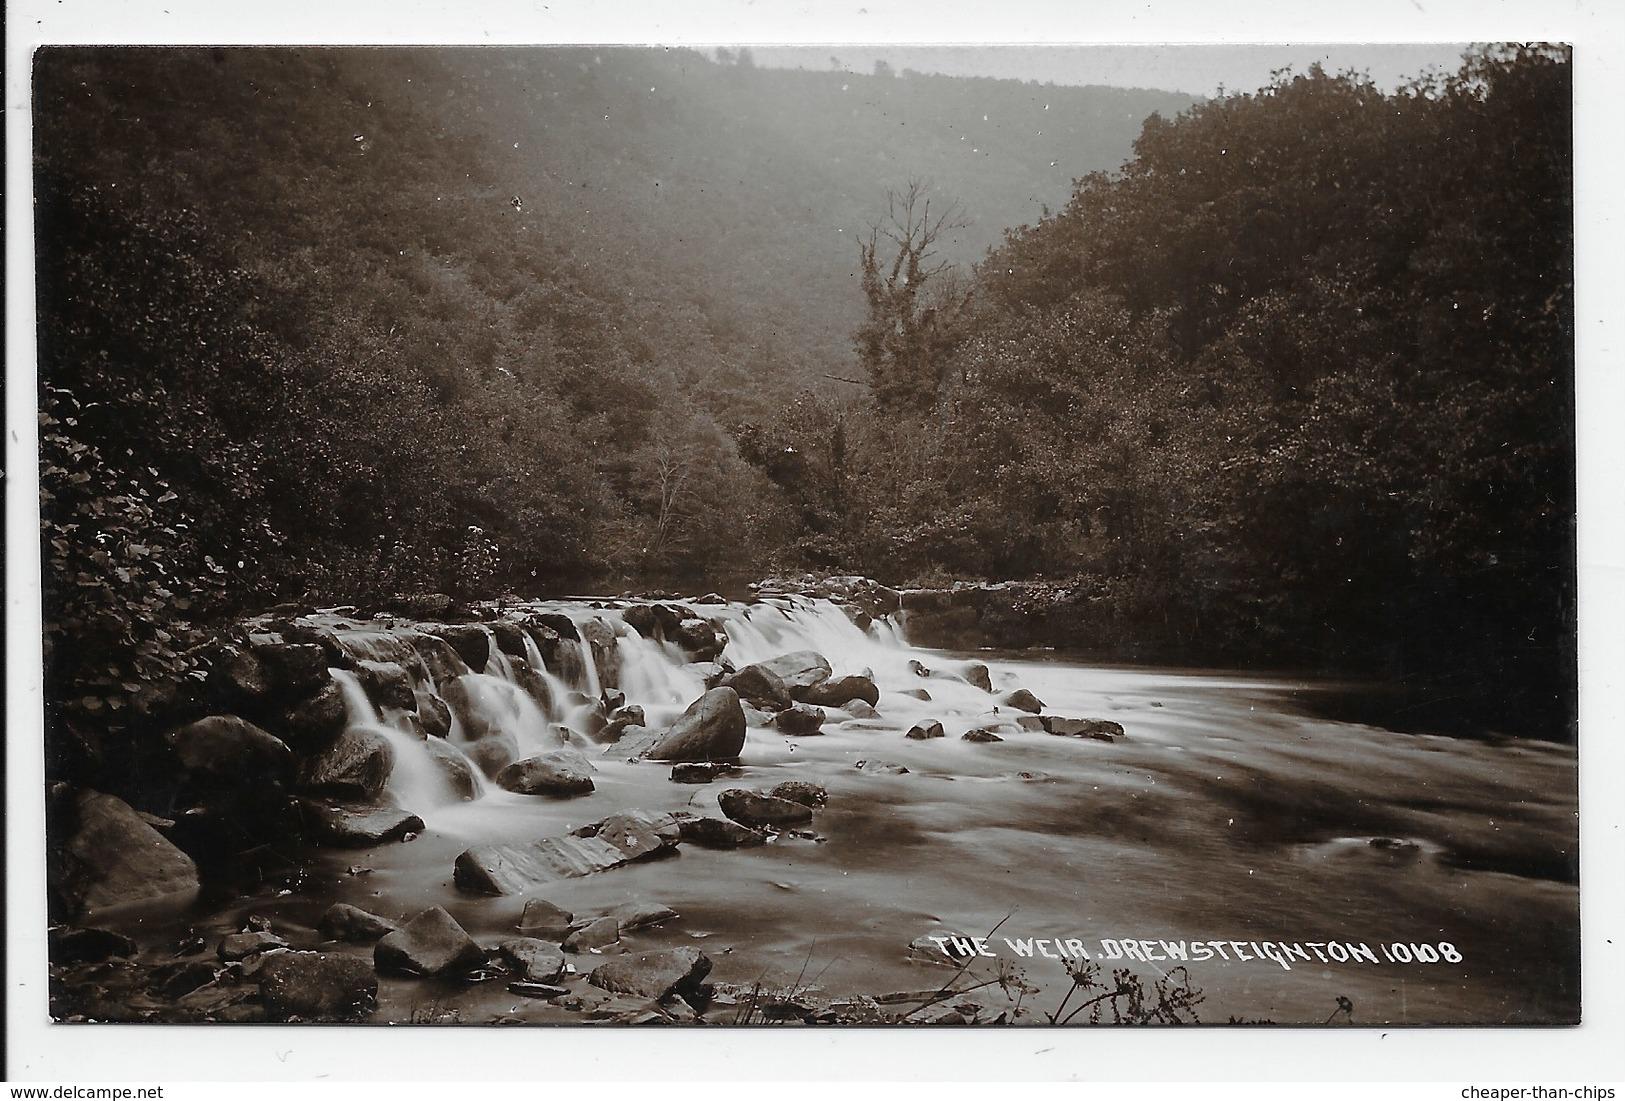 The Weir - Drewsteignton - Chapman 10108 - England